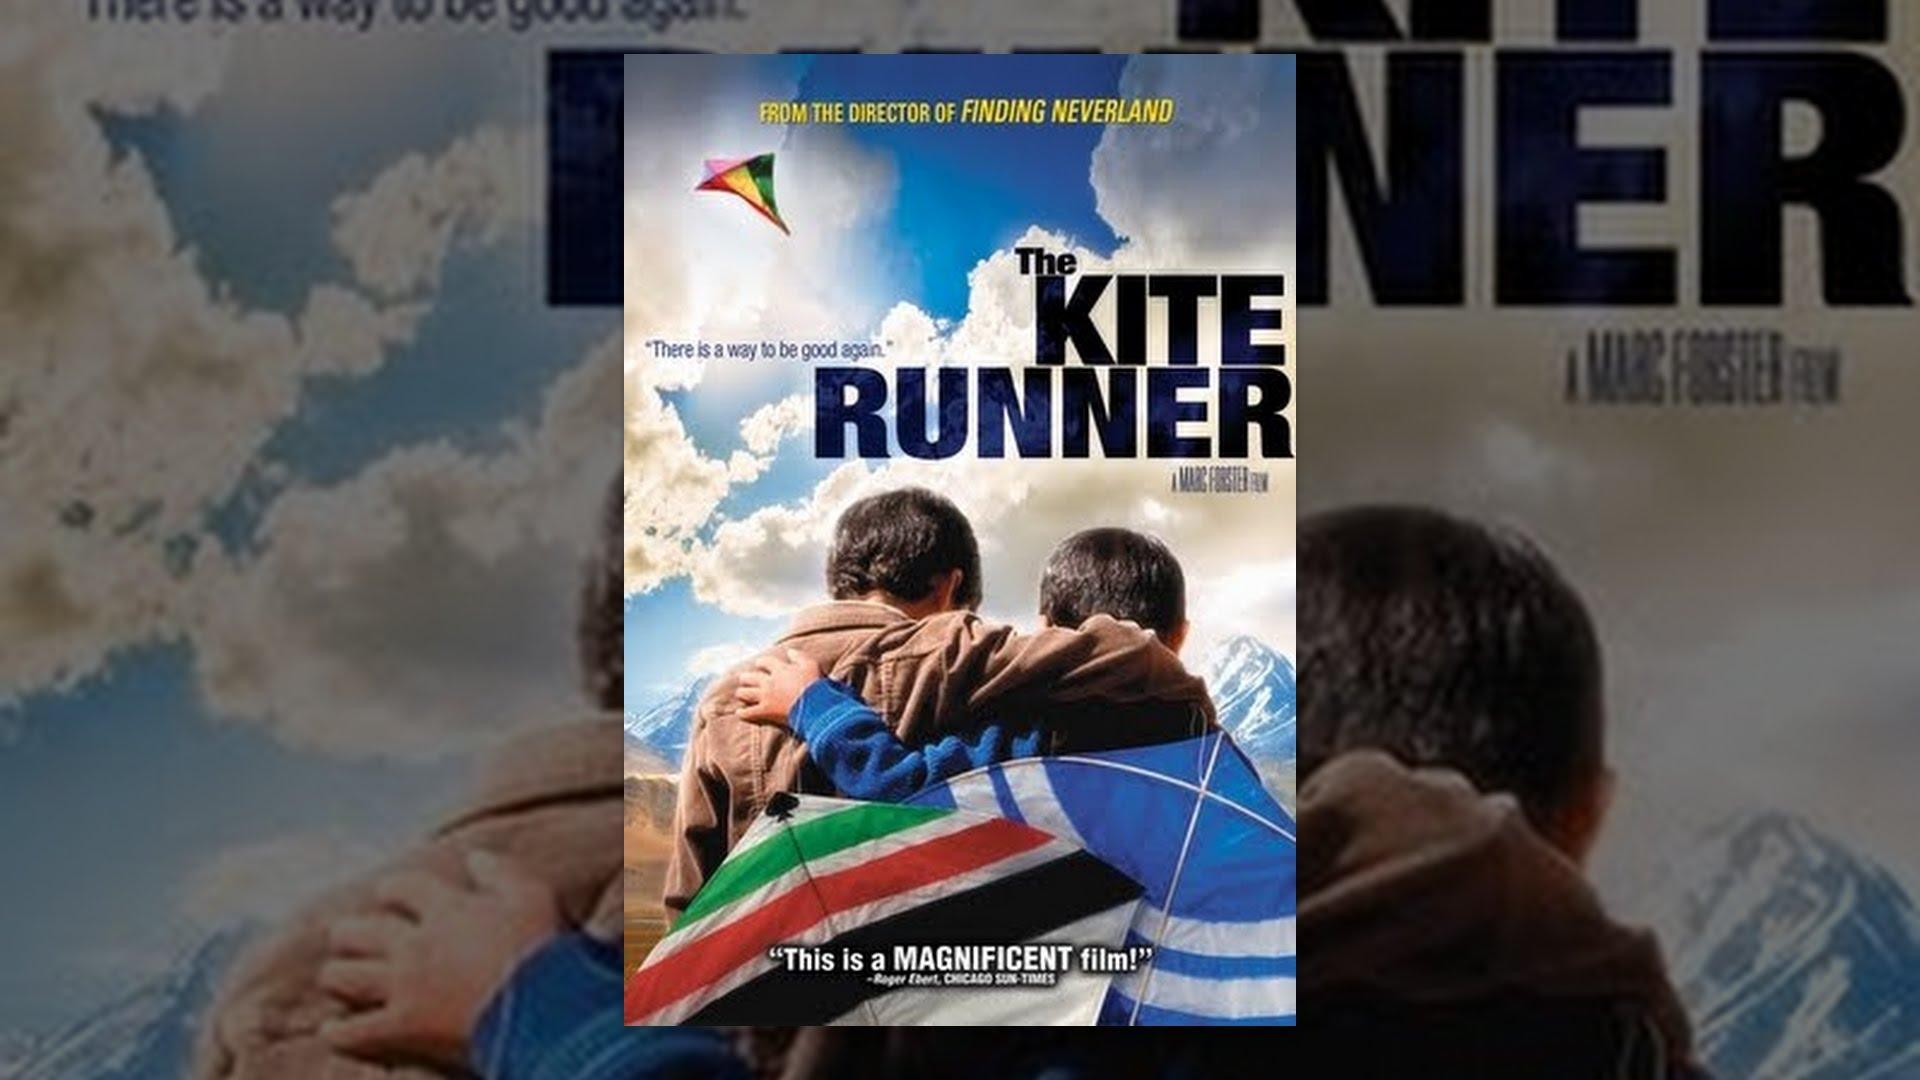 The Kite Runner Movie Baba